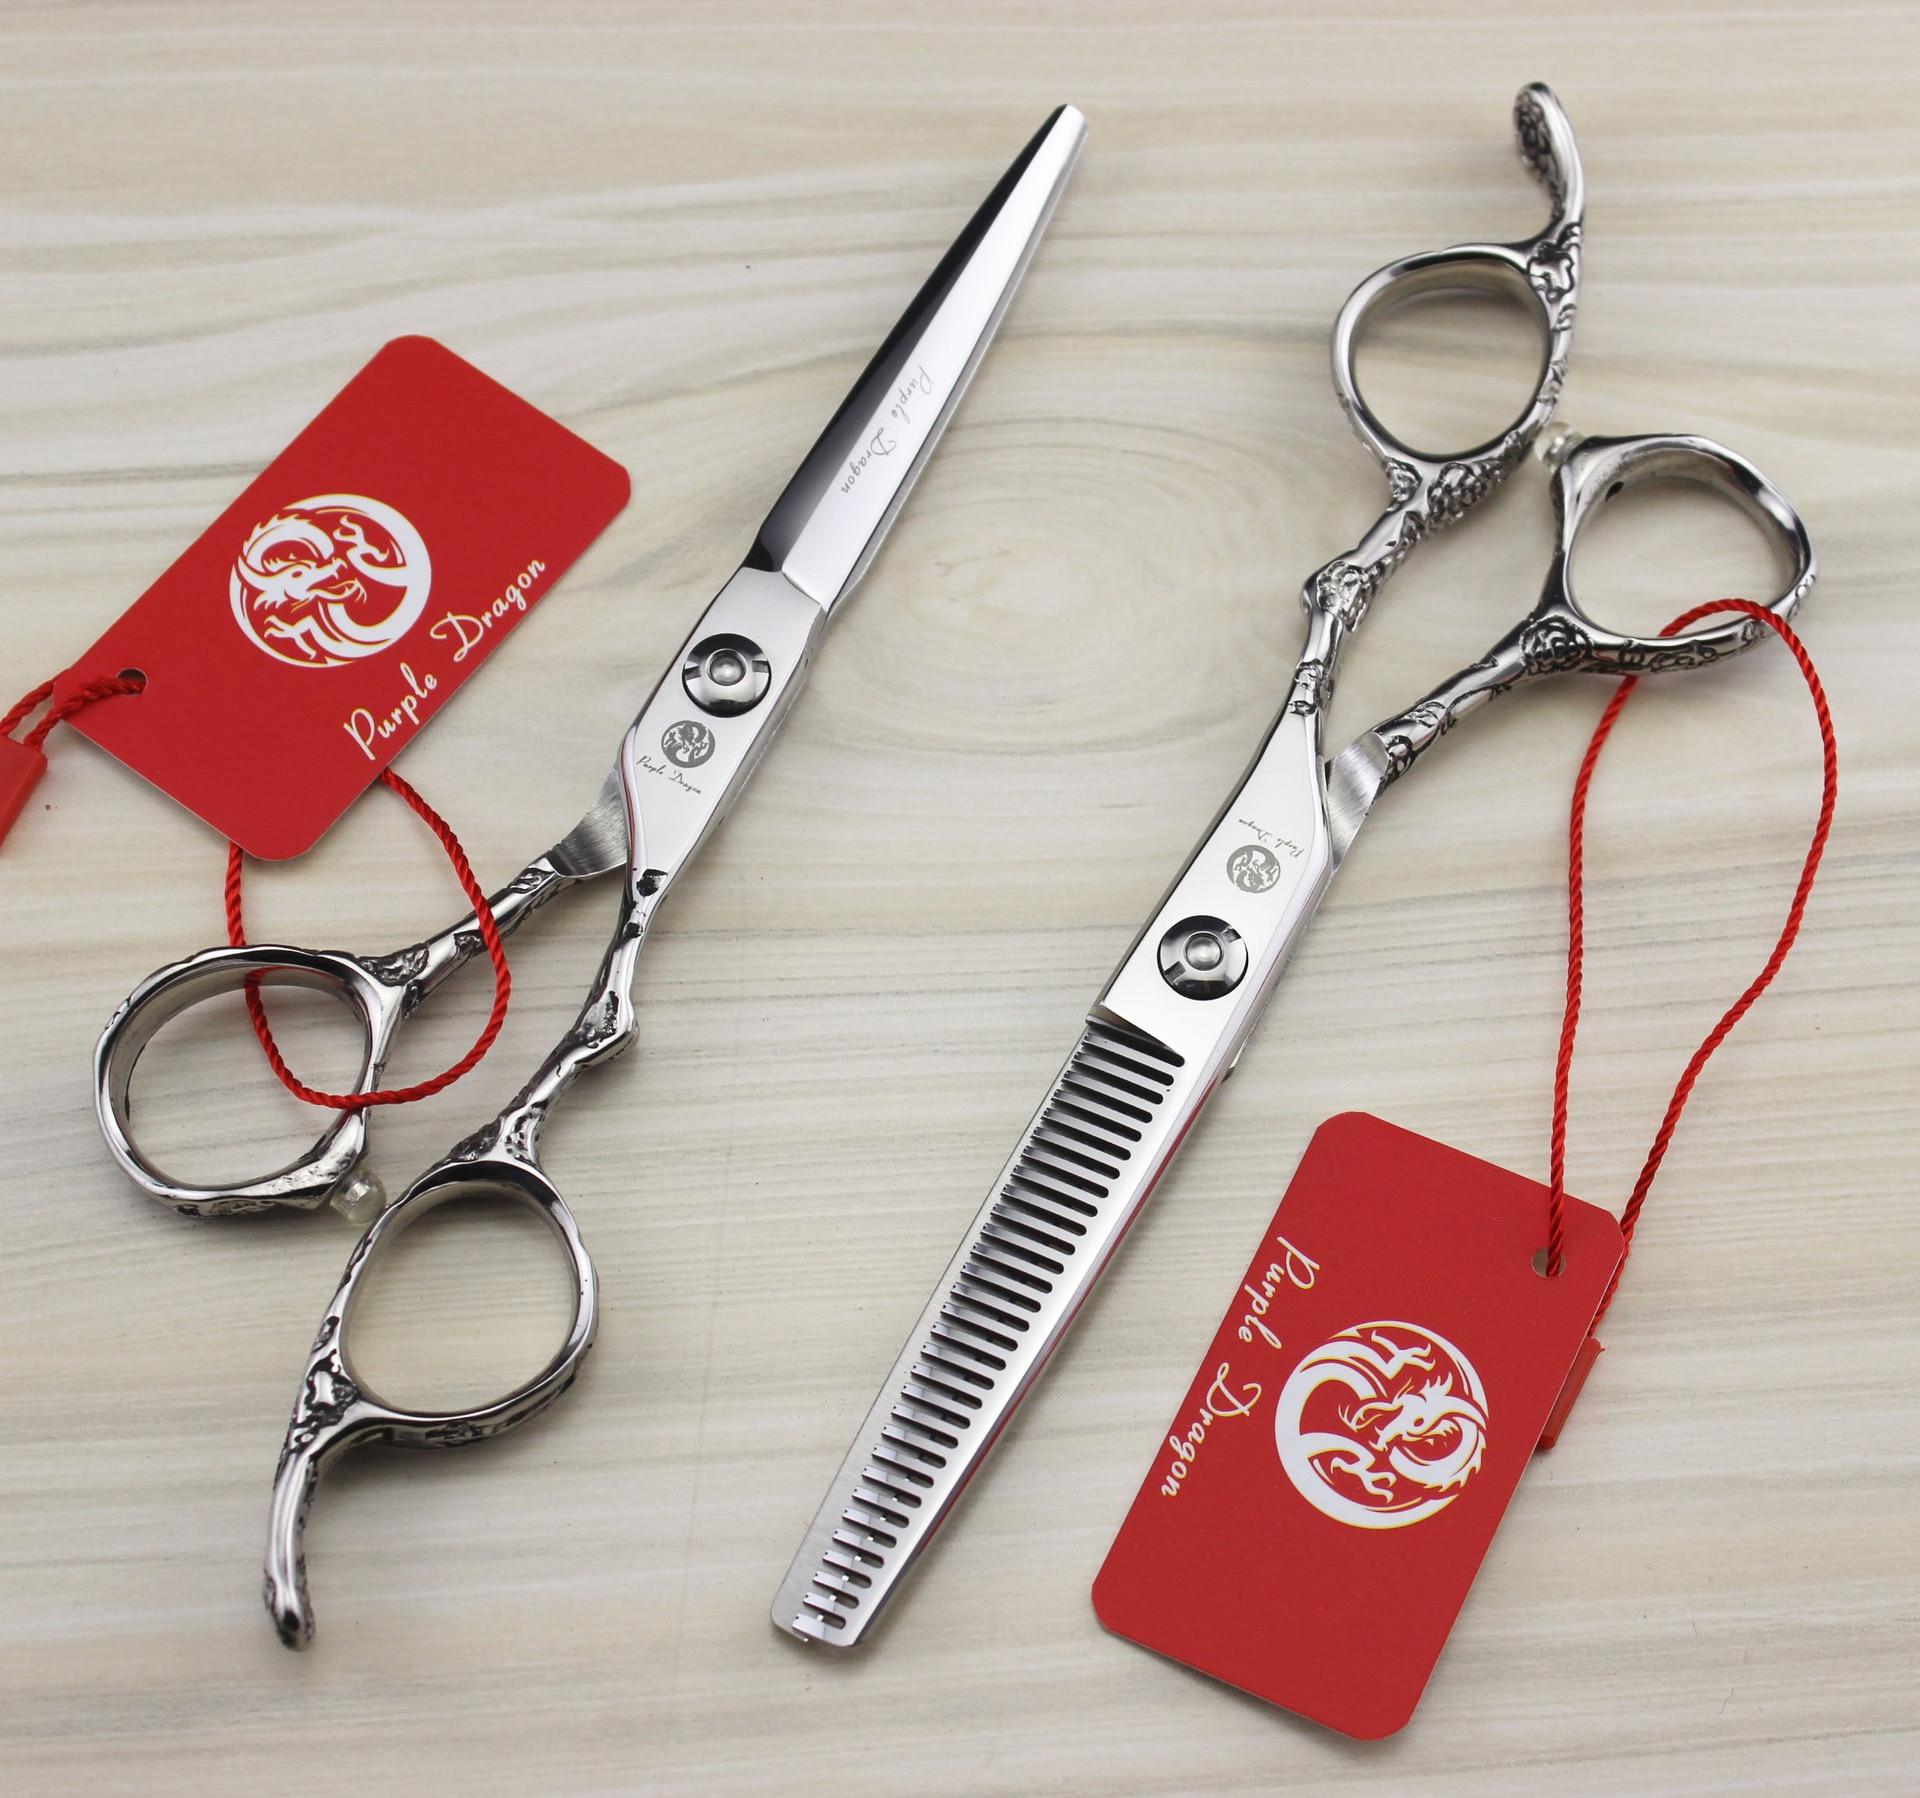 Ciseaux minces professionnels de 6 pouces ciseaux de coiffure de coiffeur fleur de prunierCiseaux minces professionnels de 6 pouces ciseaux de coiffure de coiffeur fleur de prunier